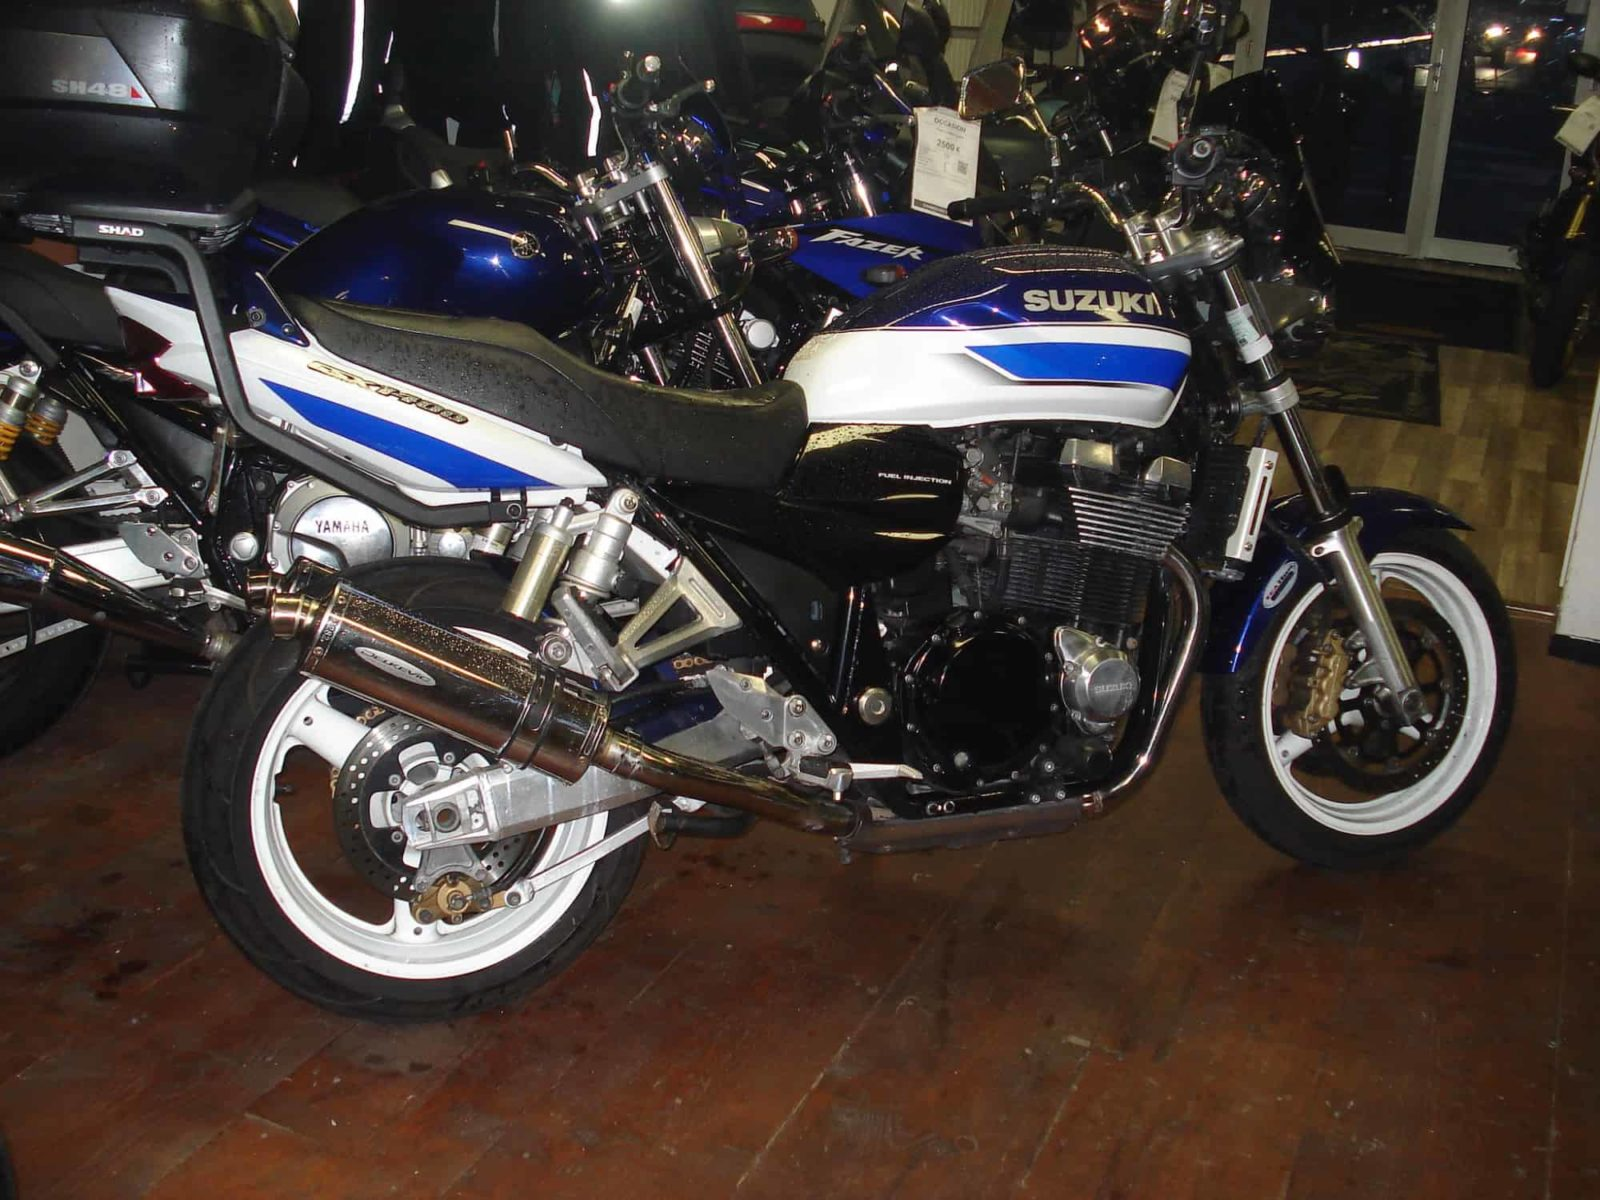 Vendu ! Suzuki GSX 1400 – 3700€